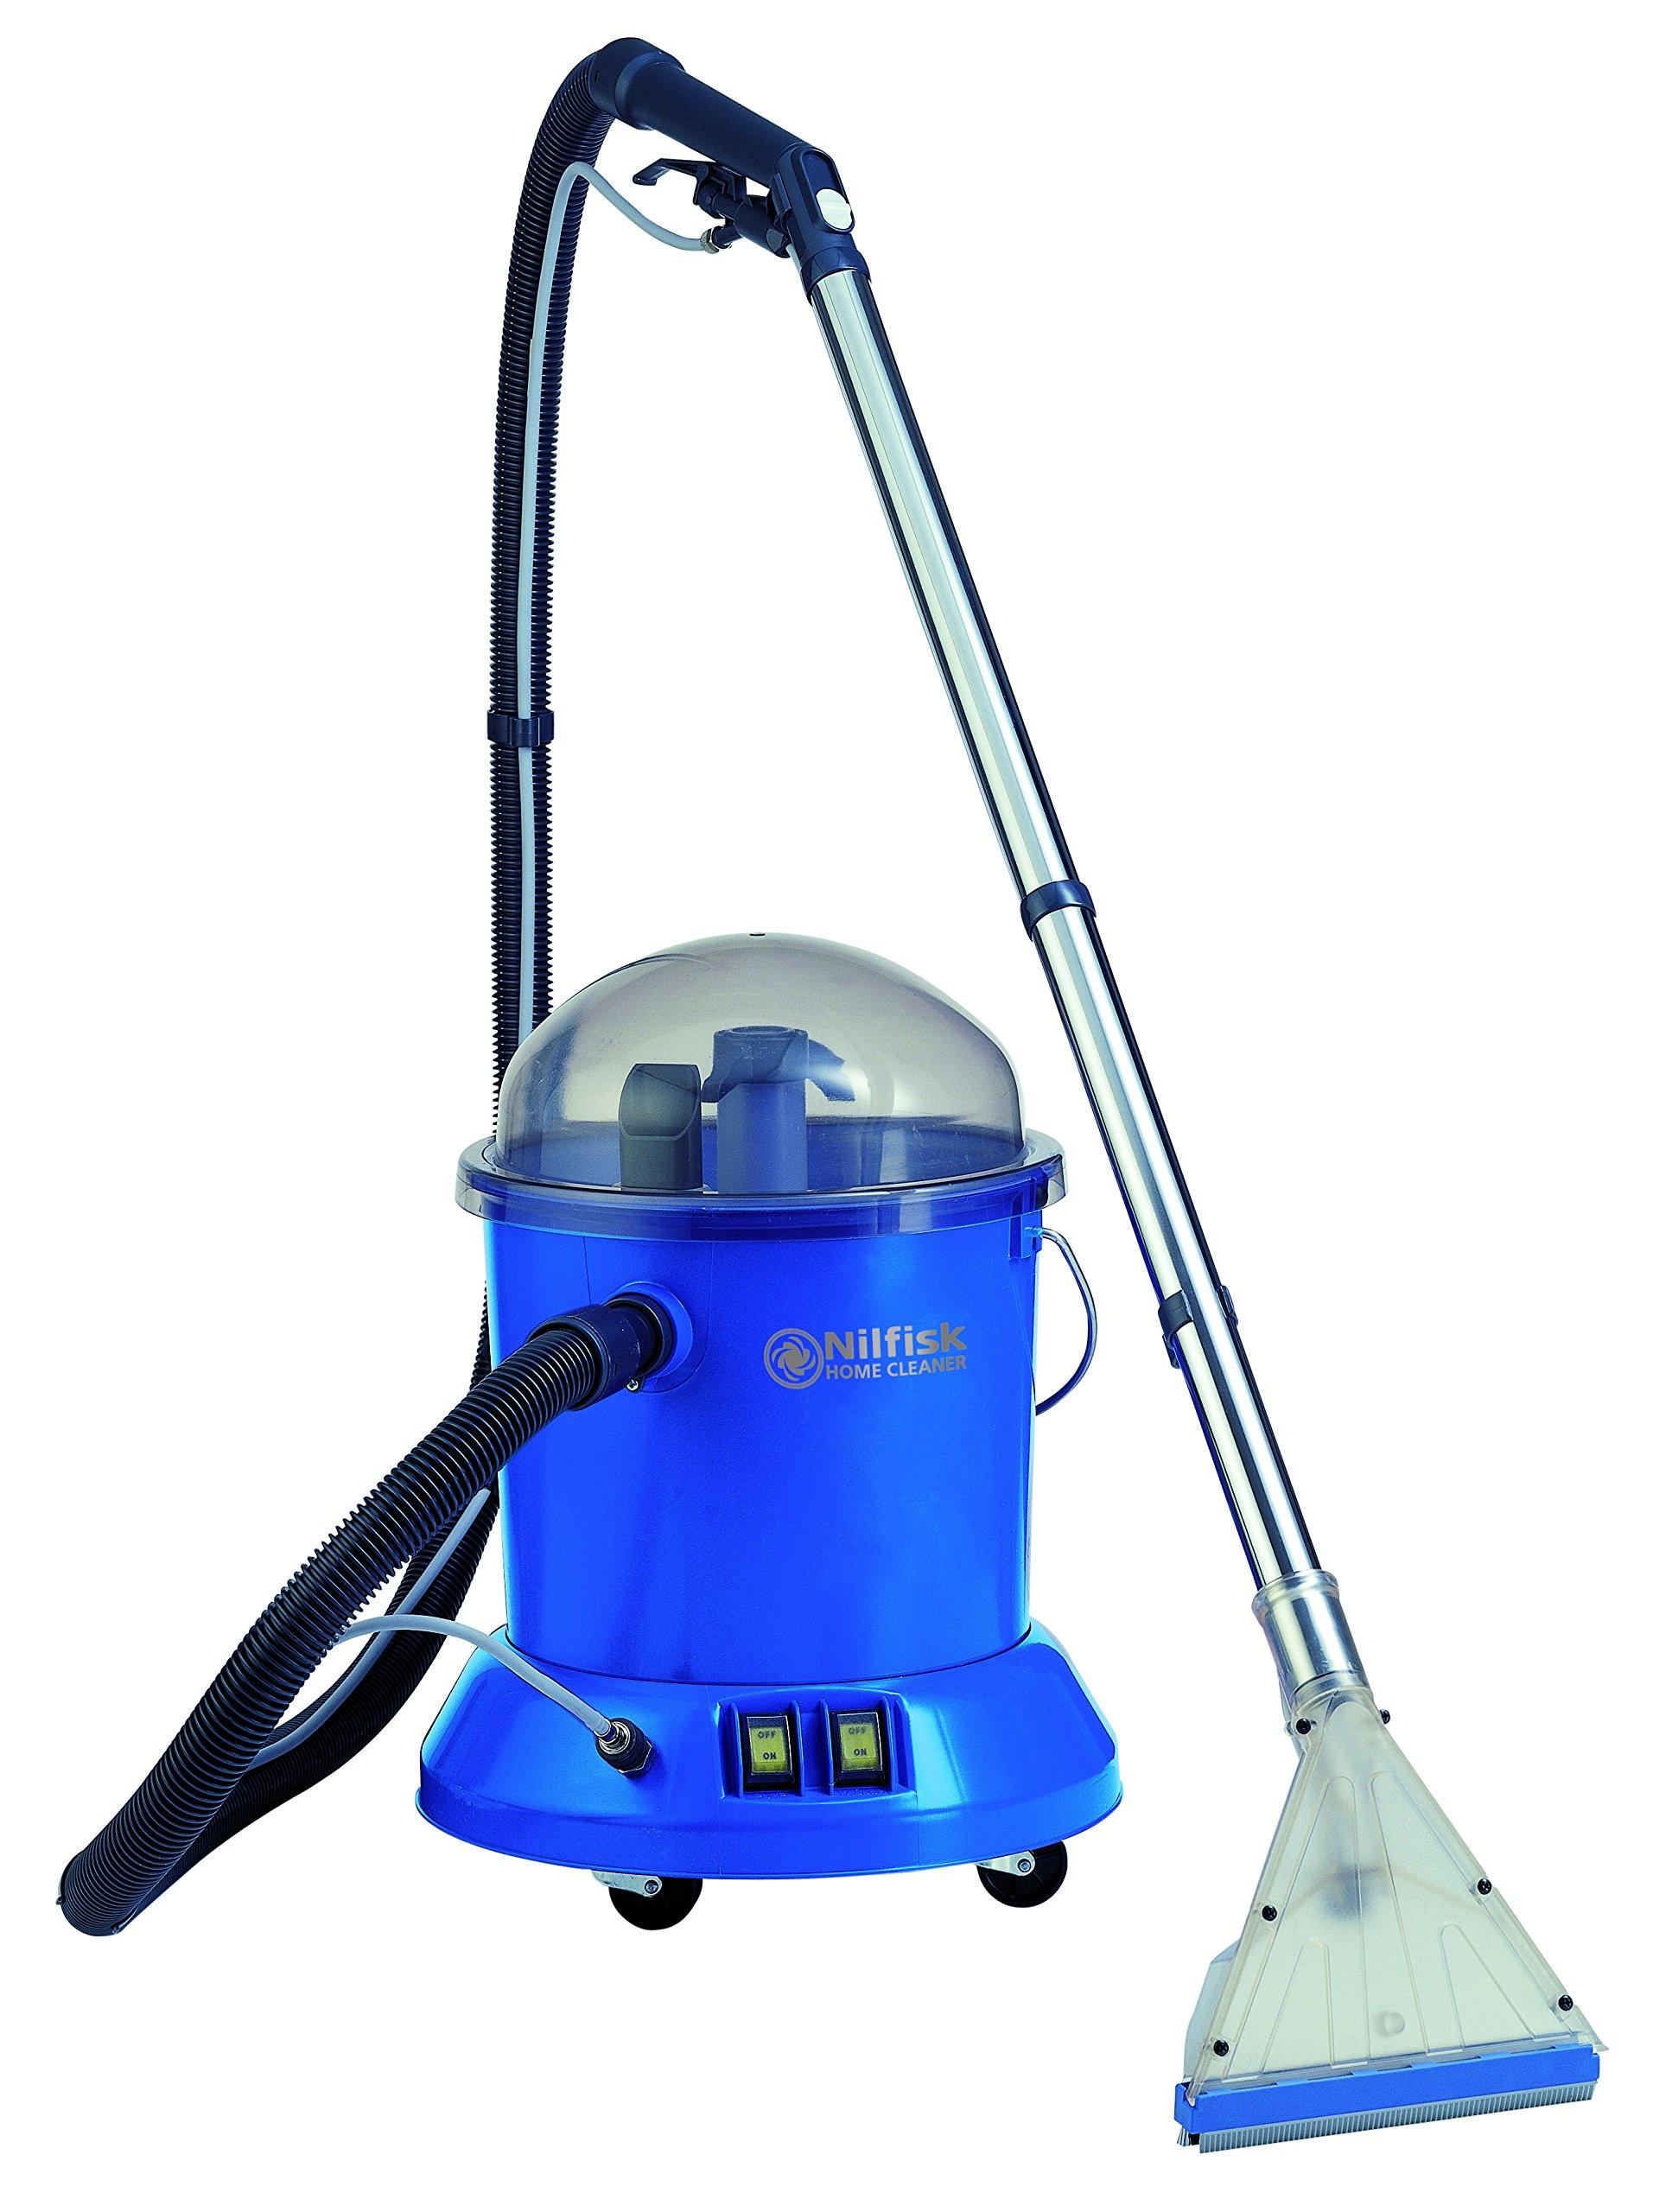 Nilfisk 303000002 Home Cleaner - Aspirador: Amazon.es: Bricolaje y herramientas